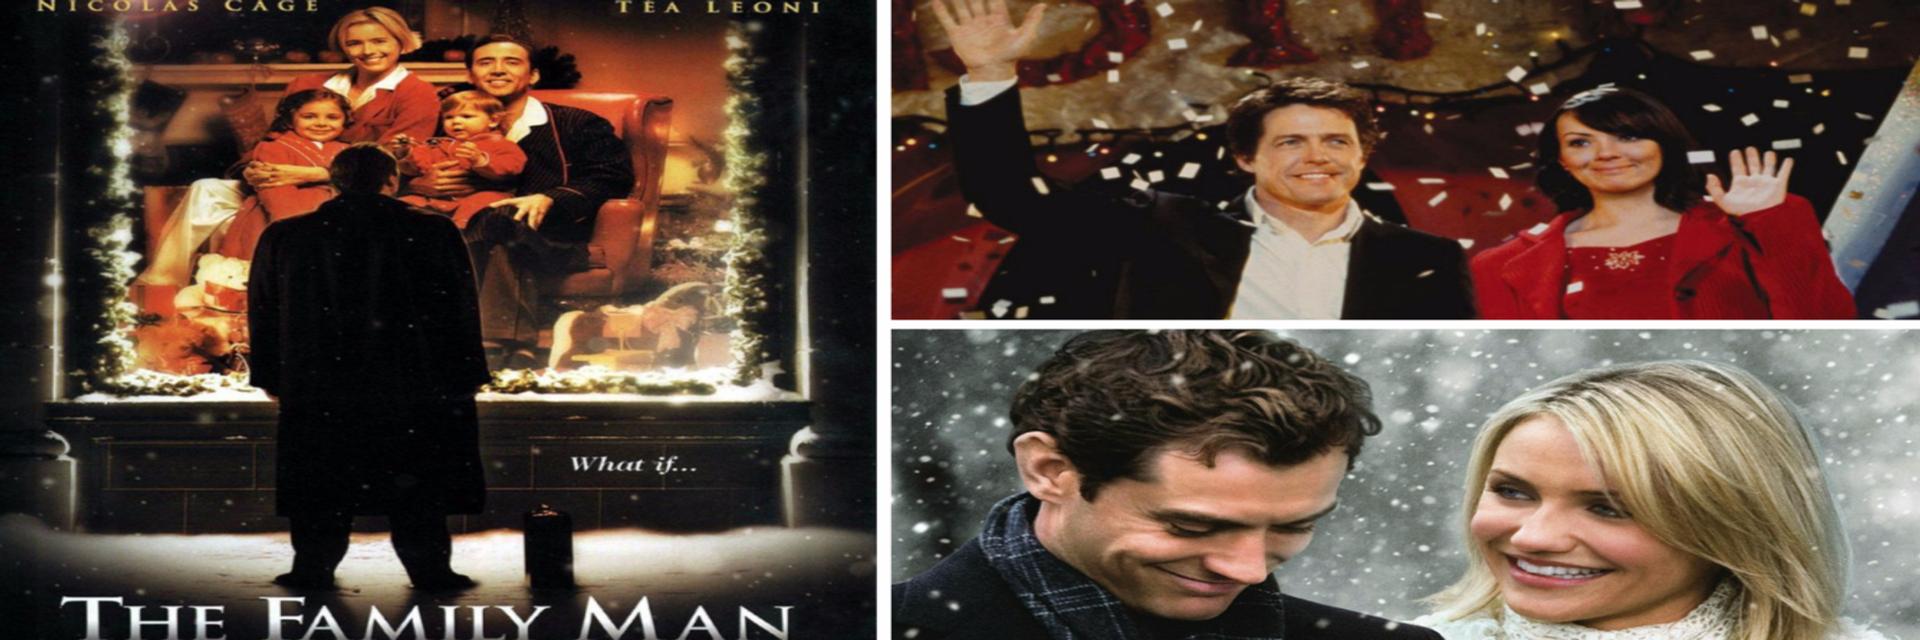 【聖誕週】每年聖誕看《愛是您·愛是我》不膩嗎?精選 6 部耶誕電影片單 溫馨、驚悚、冒險通通滿足